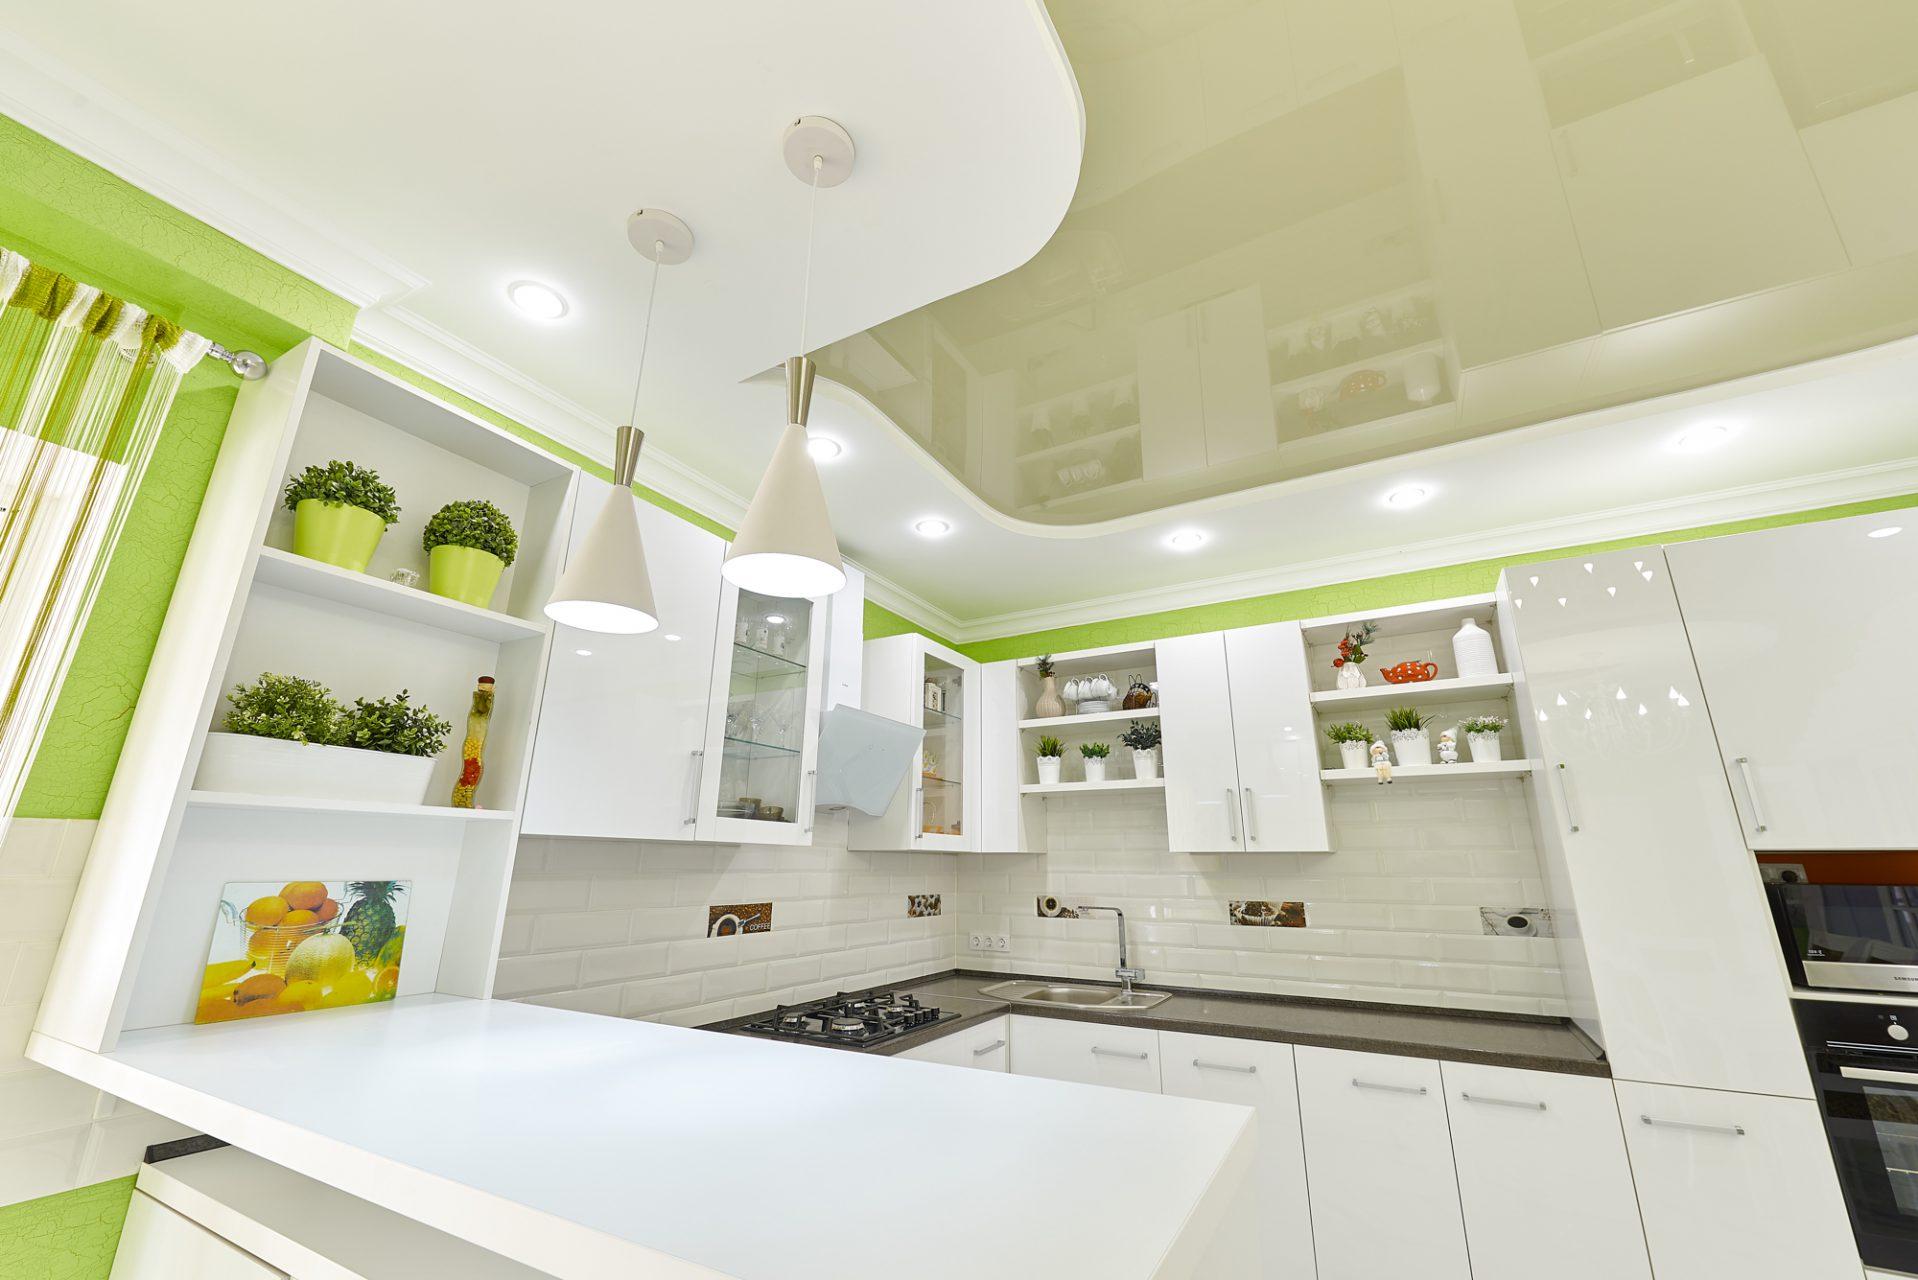 007_interior_kitchen1_korneychikeu